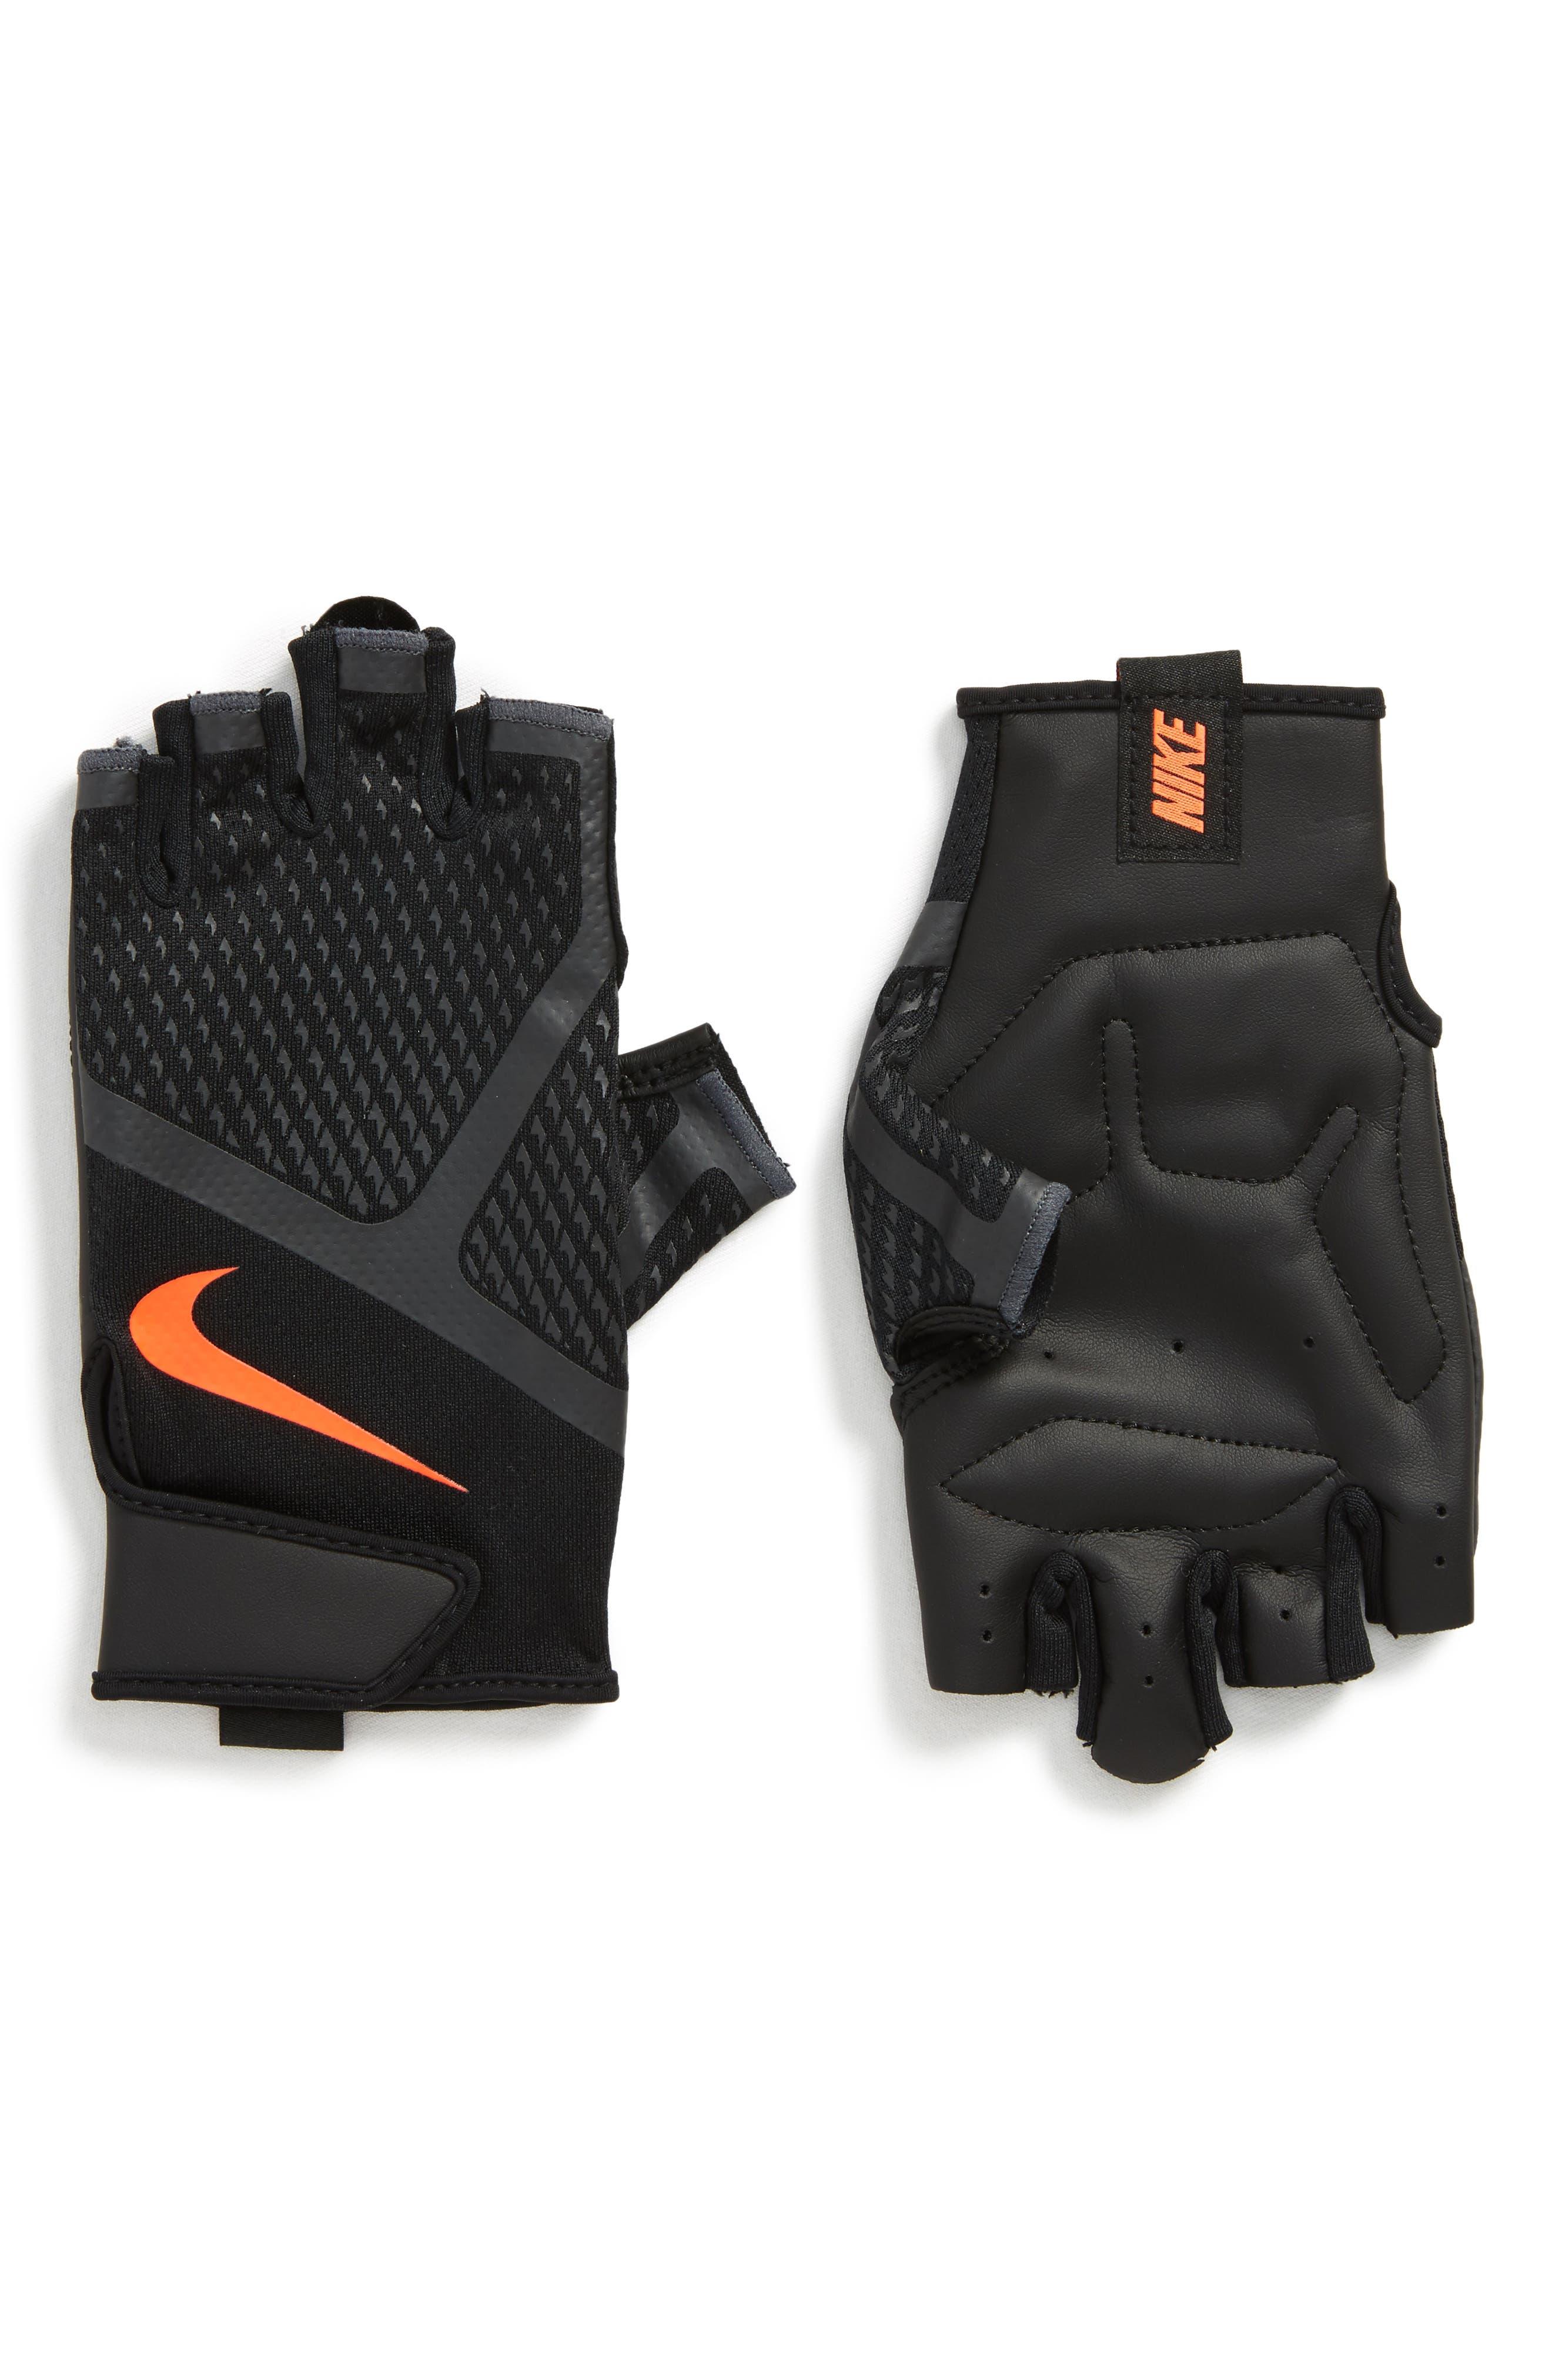 Nike Renegade Training Gloves